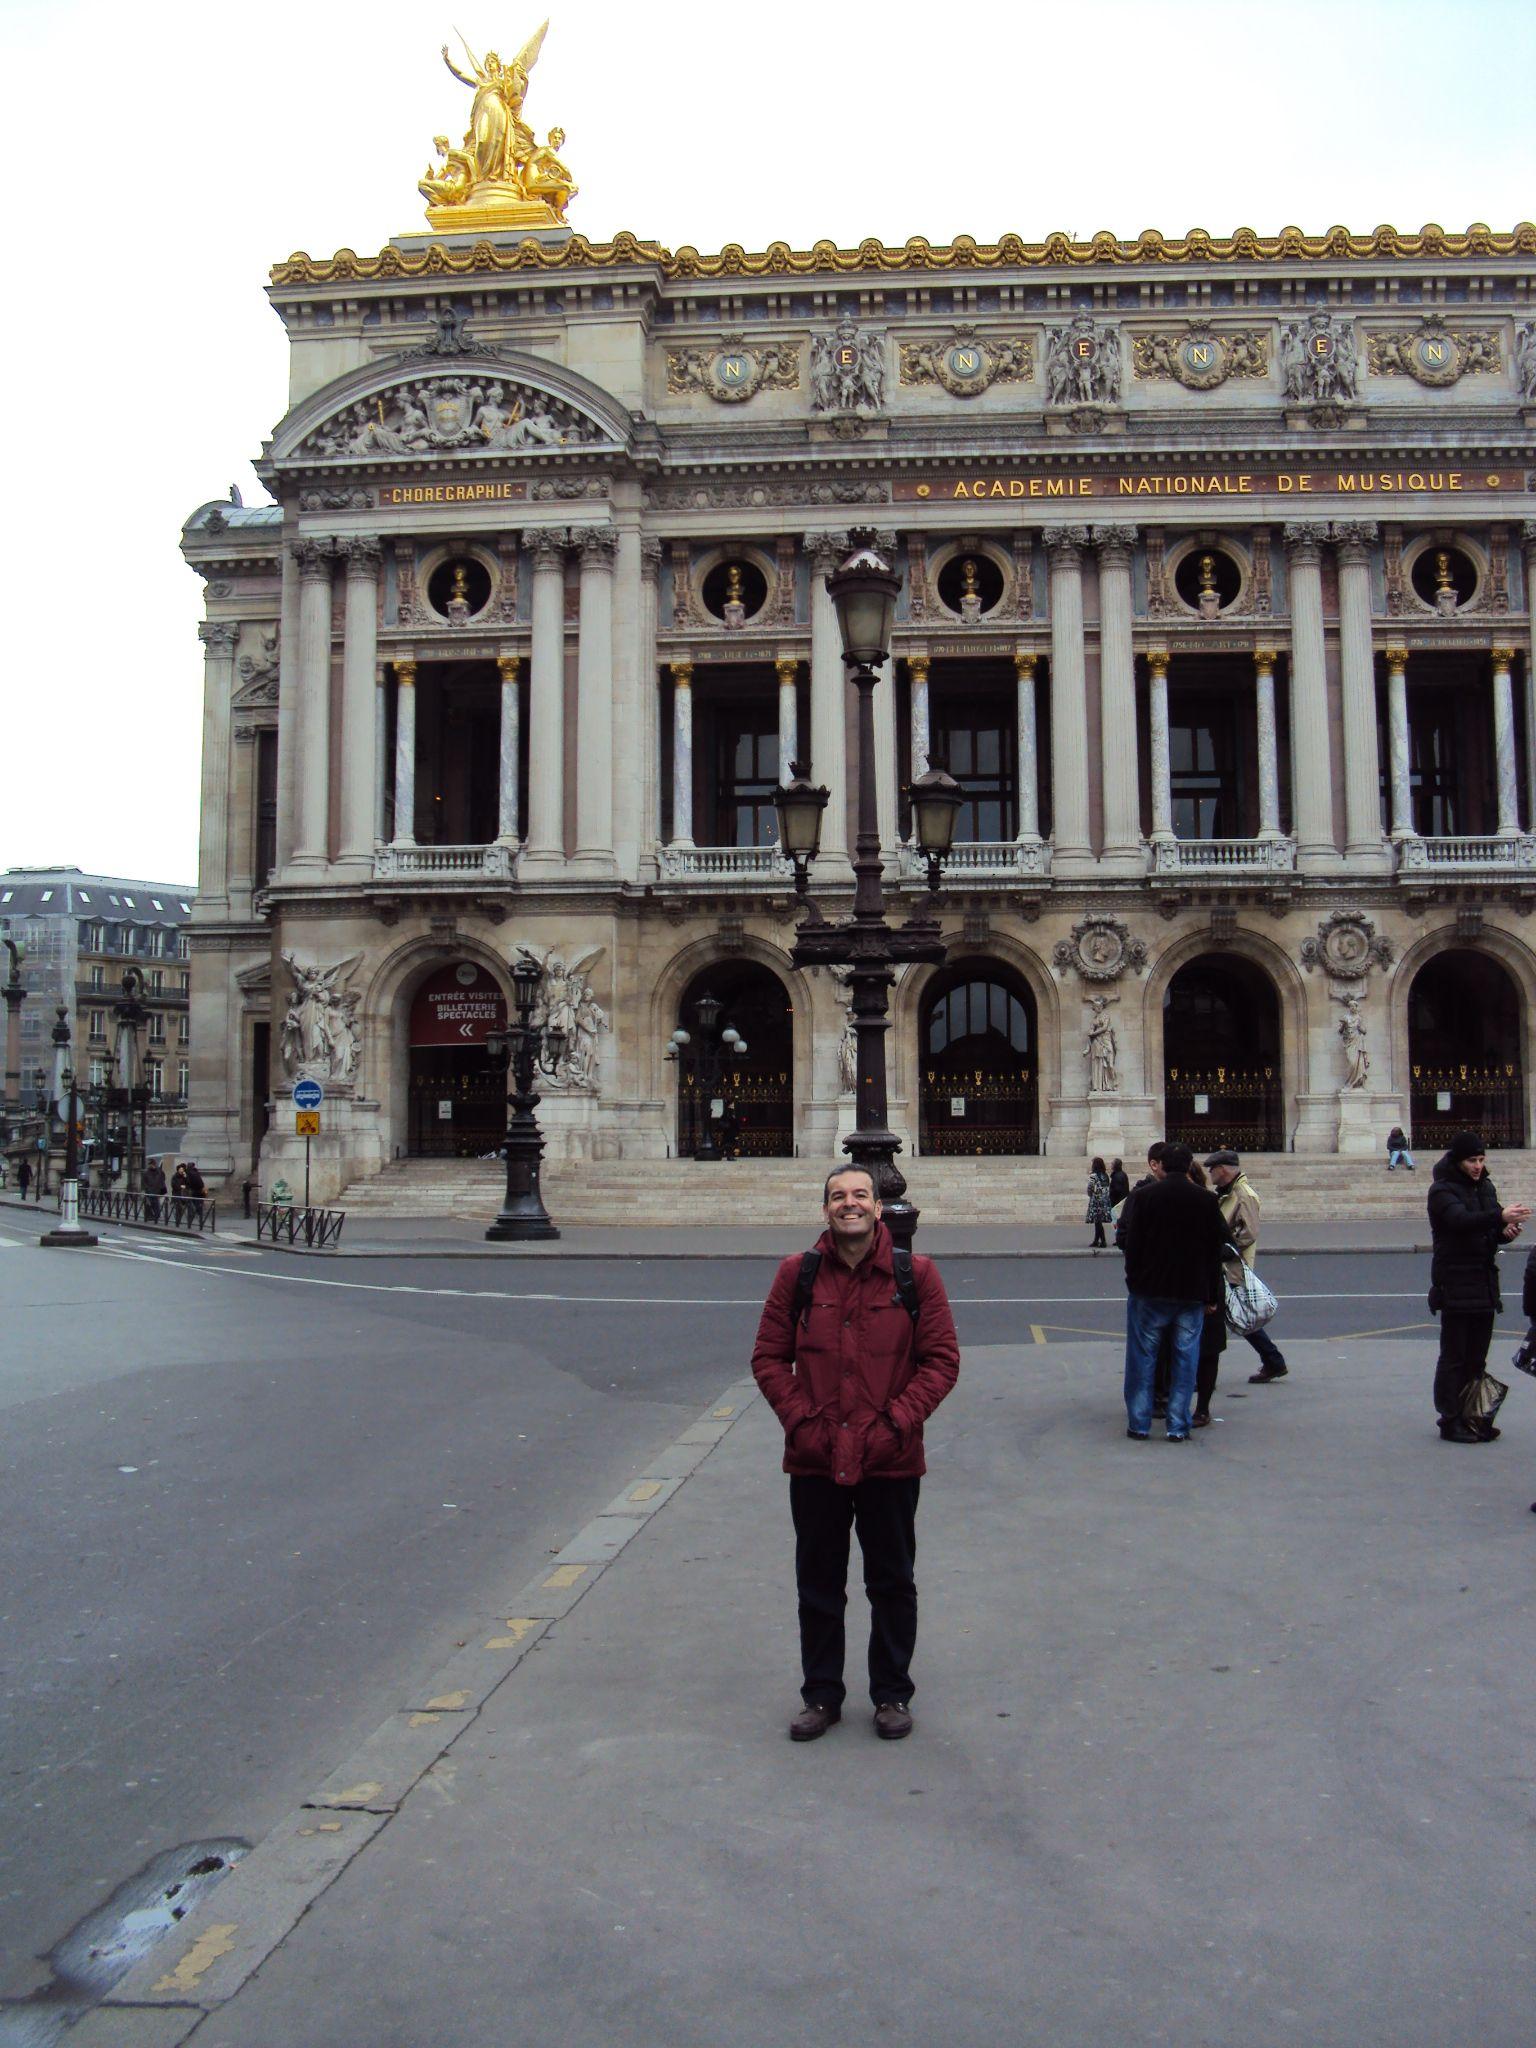 L'Opera Restaurant in Paris